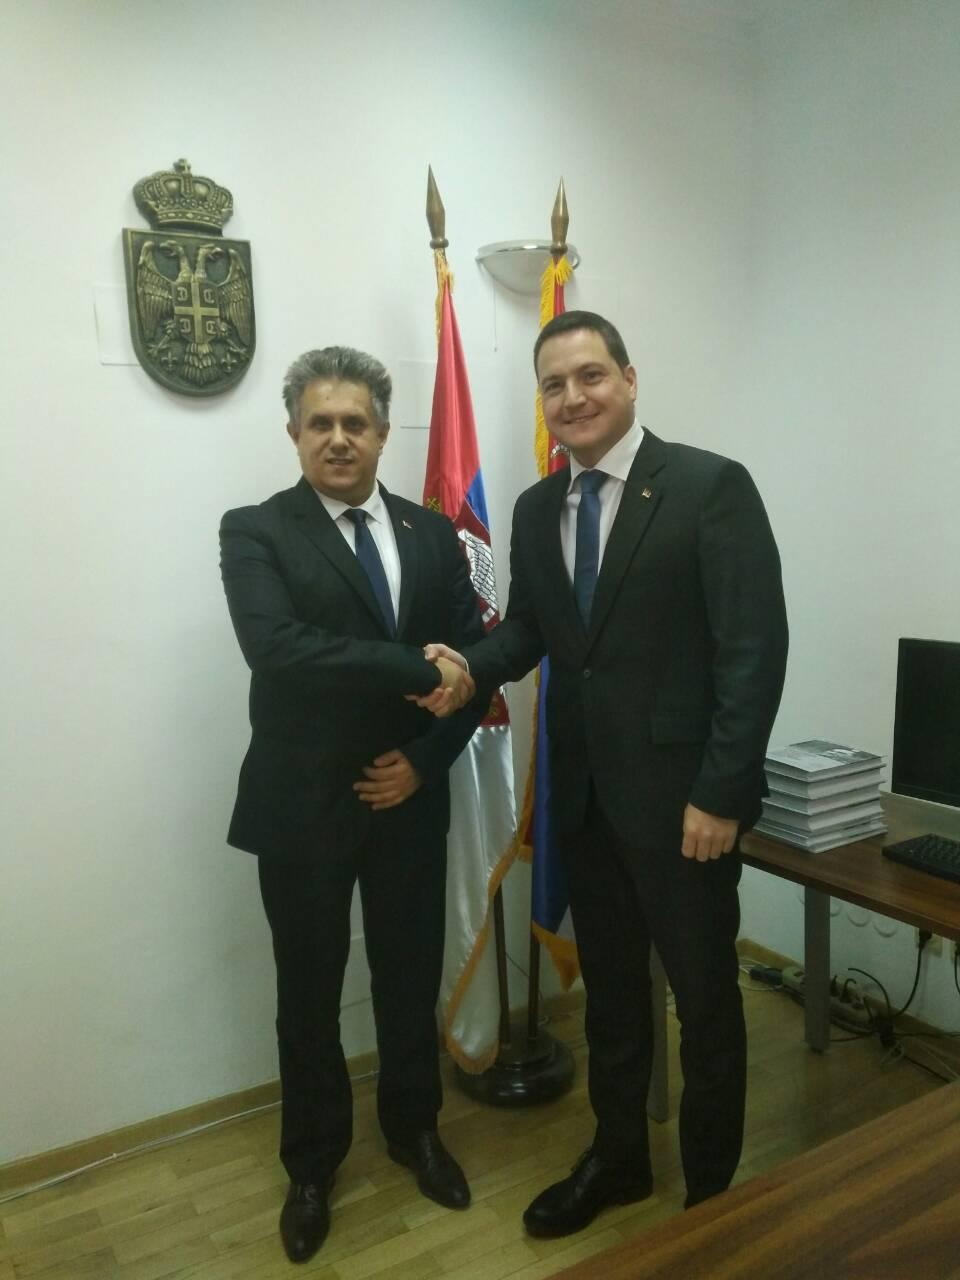 Narodni poslanik Miletić sa ministrom Ružićem, foto: M.M.